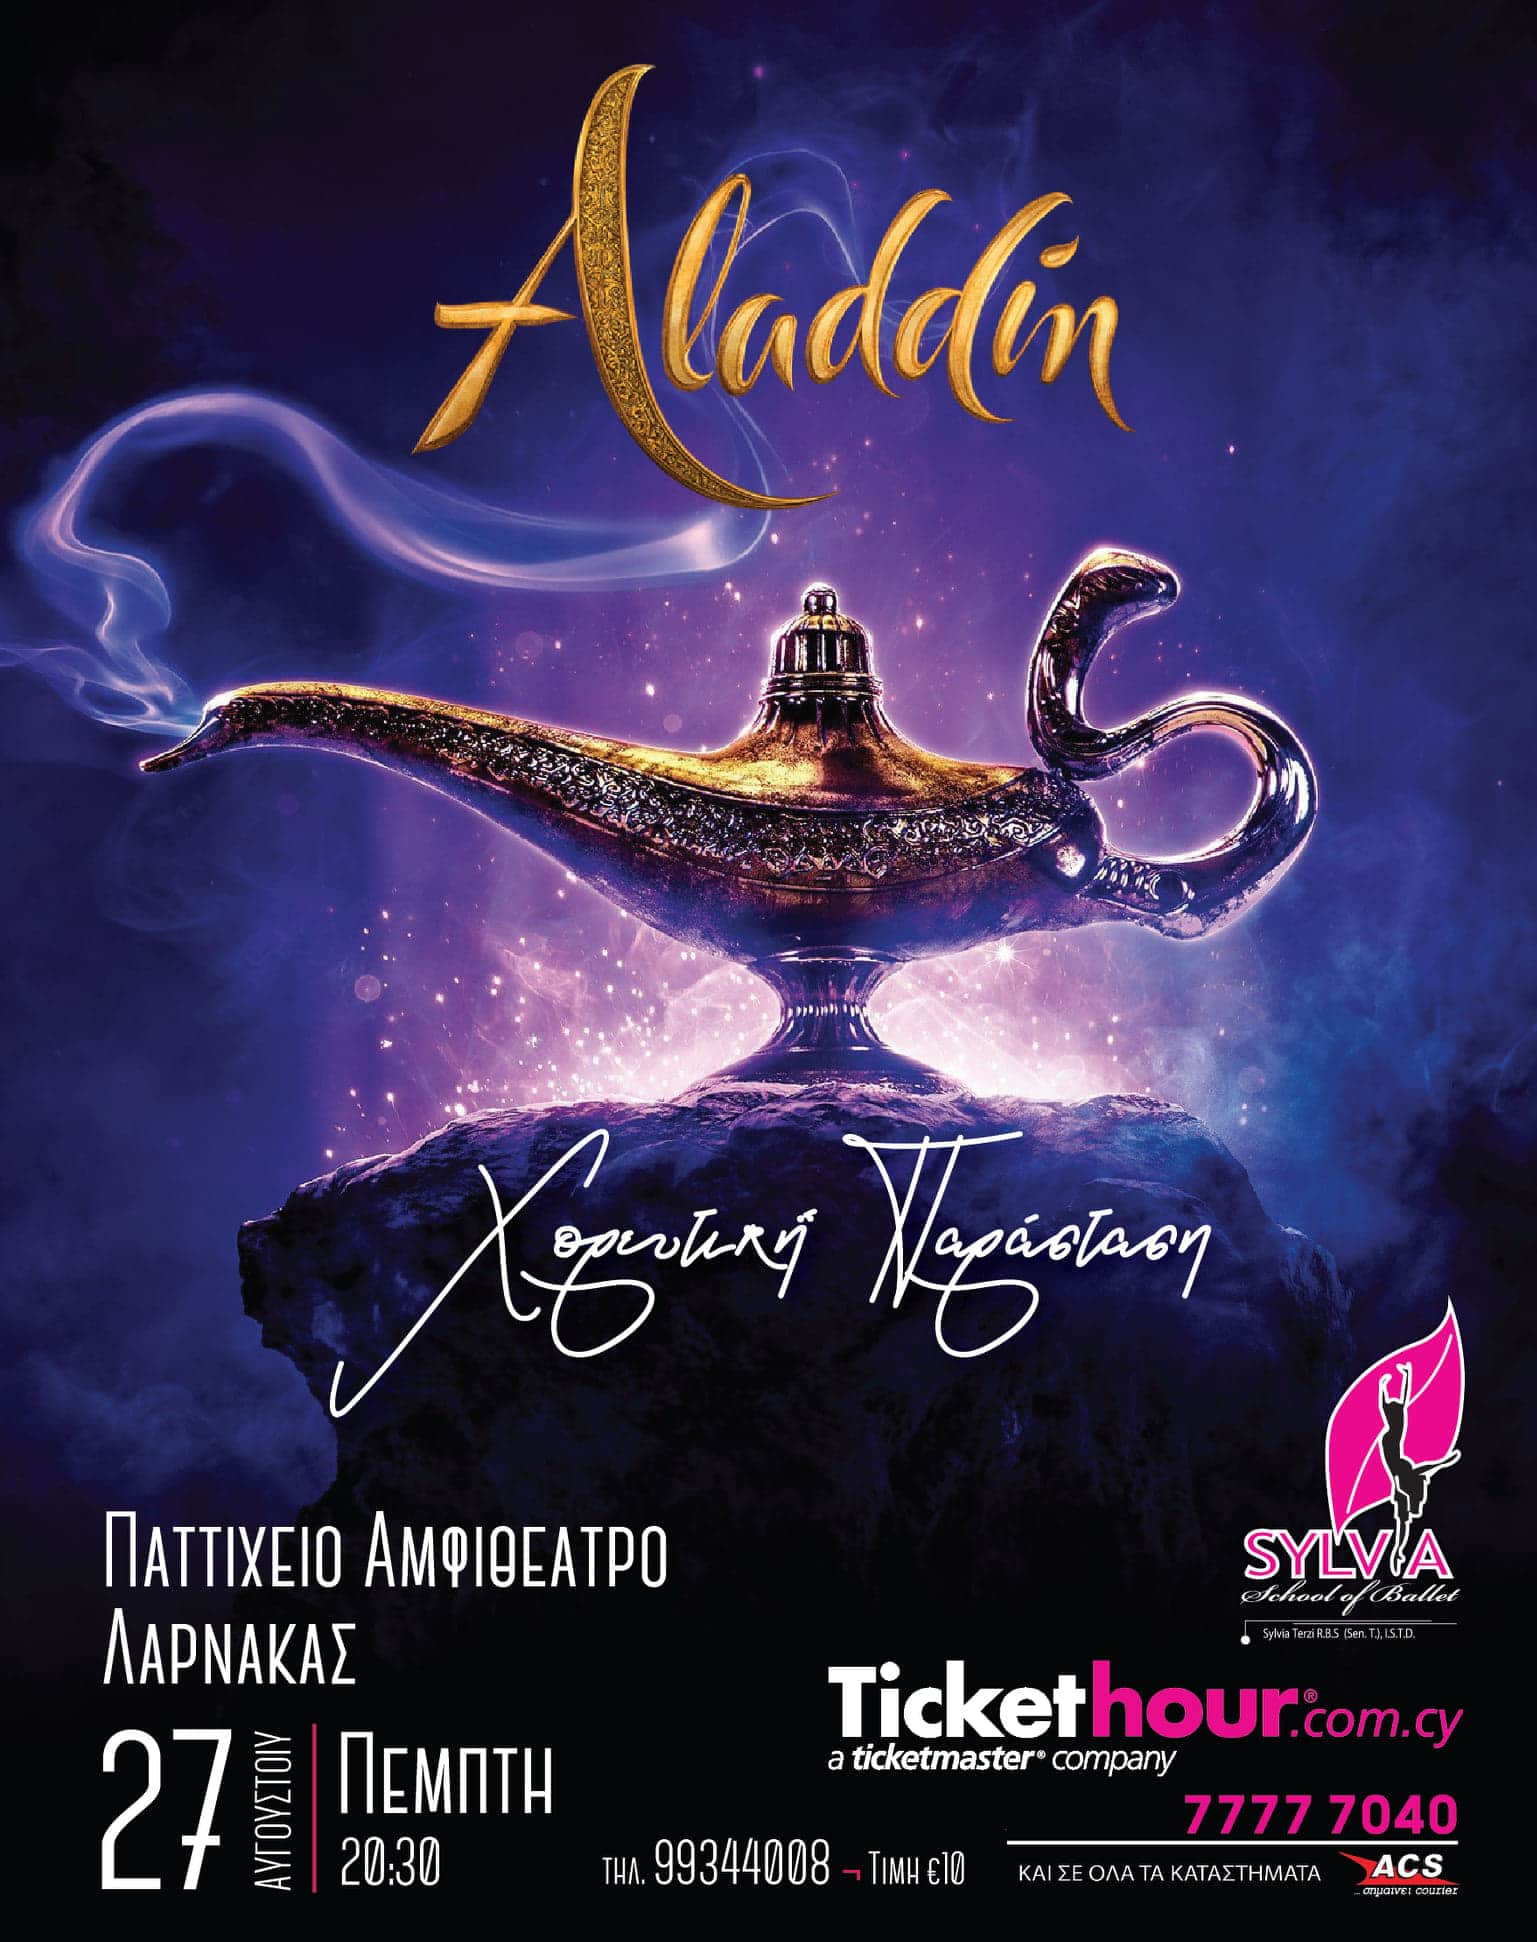 """Πυρετώδεις προετοιμασίες με πολύ αγάπη για την αναμενόμενη παράσταση του """"Aladdin"""""""